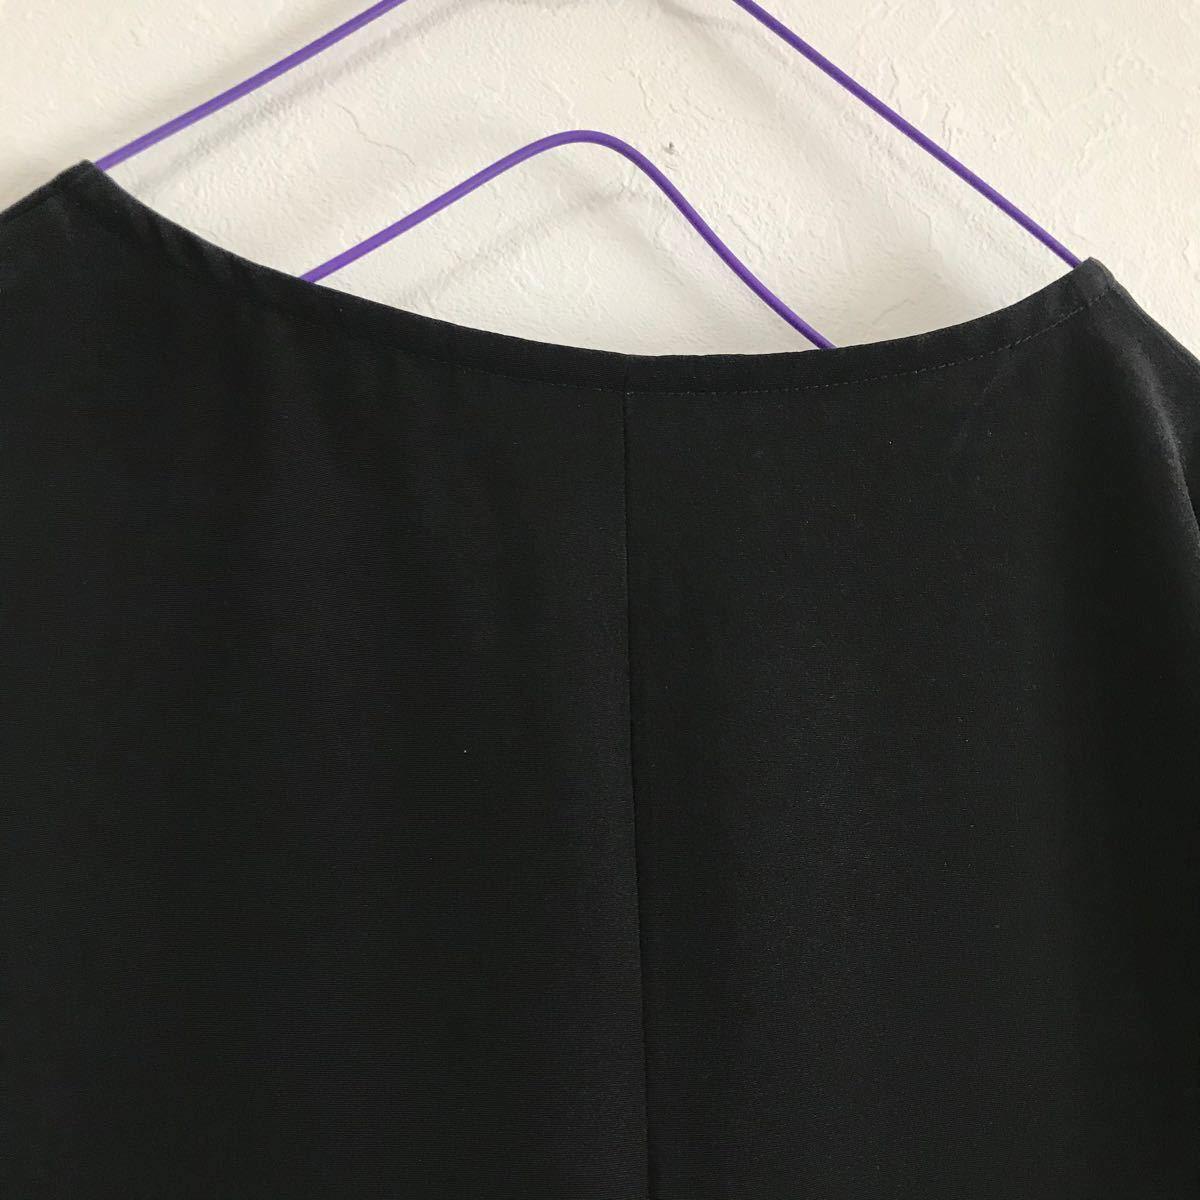 着物リメイク ワンピース ドレス 黒留袖 正絹 手書き 風景